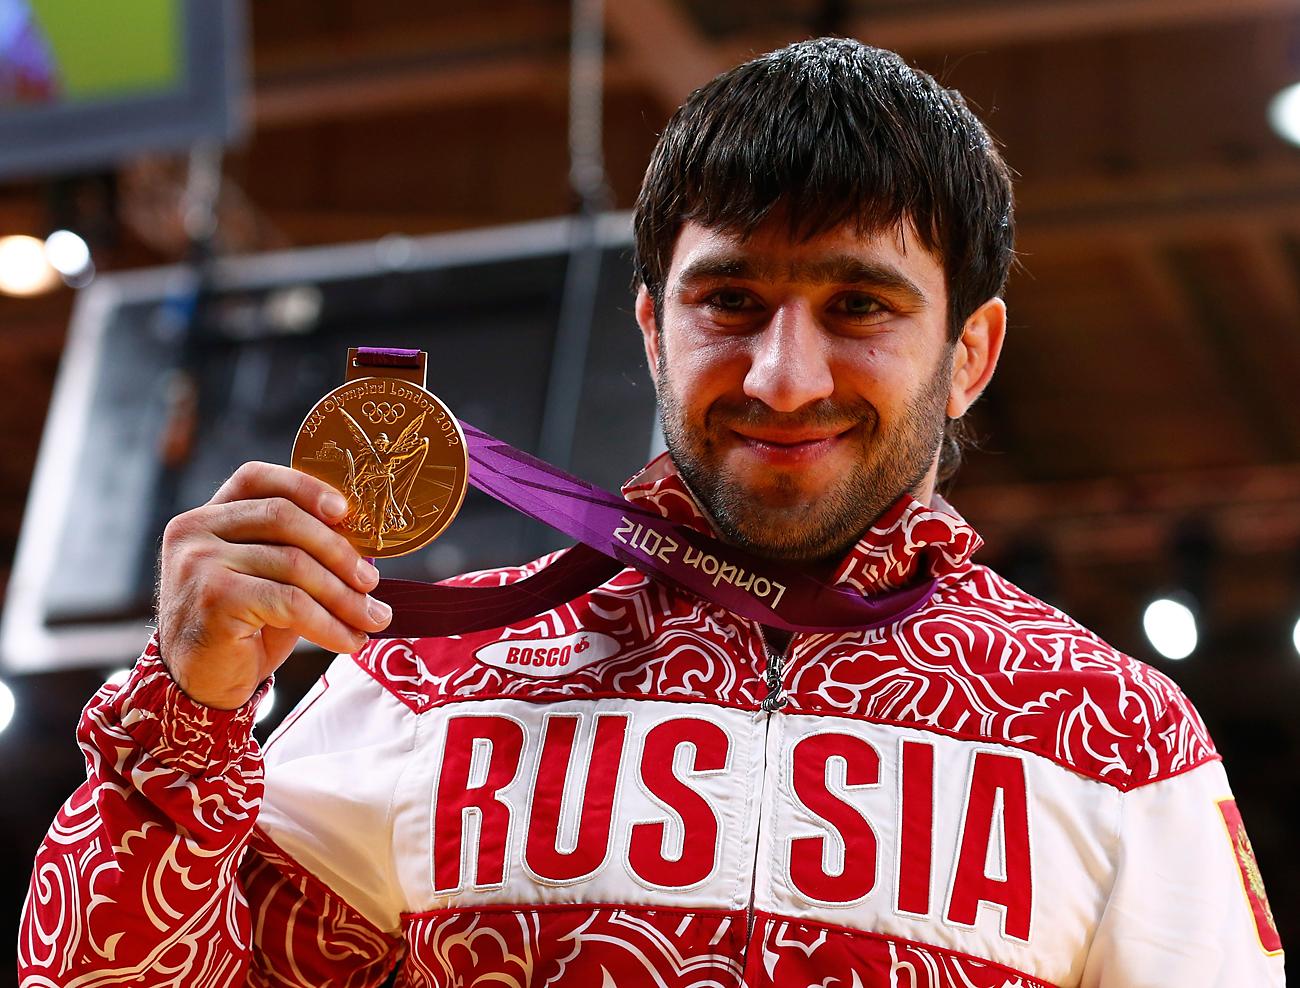 マンスル・イサエフ選手、ロンドン、7月30日、2012年=ロイター通信